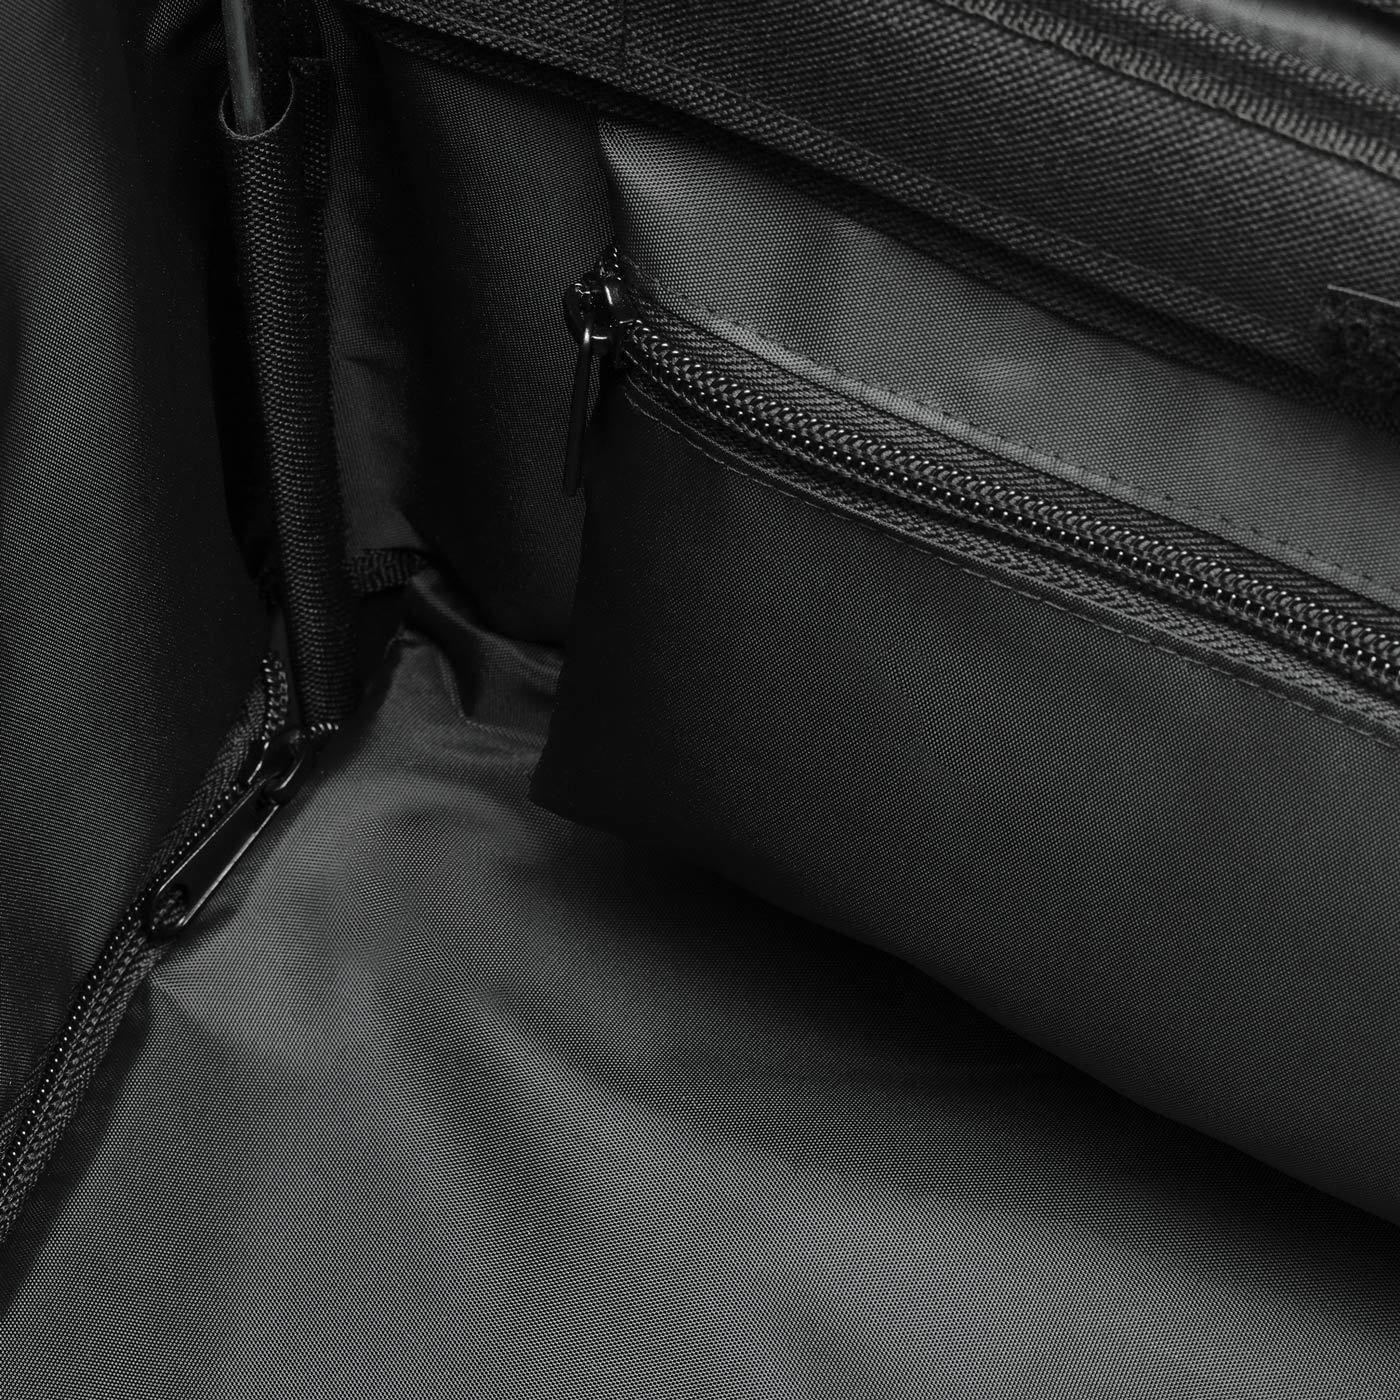 Městská taška Citycruiser Bag twist silver (bez vozíku DE7003!)_3